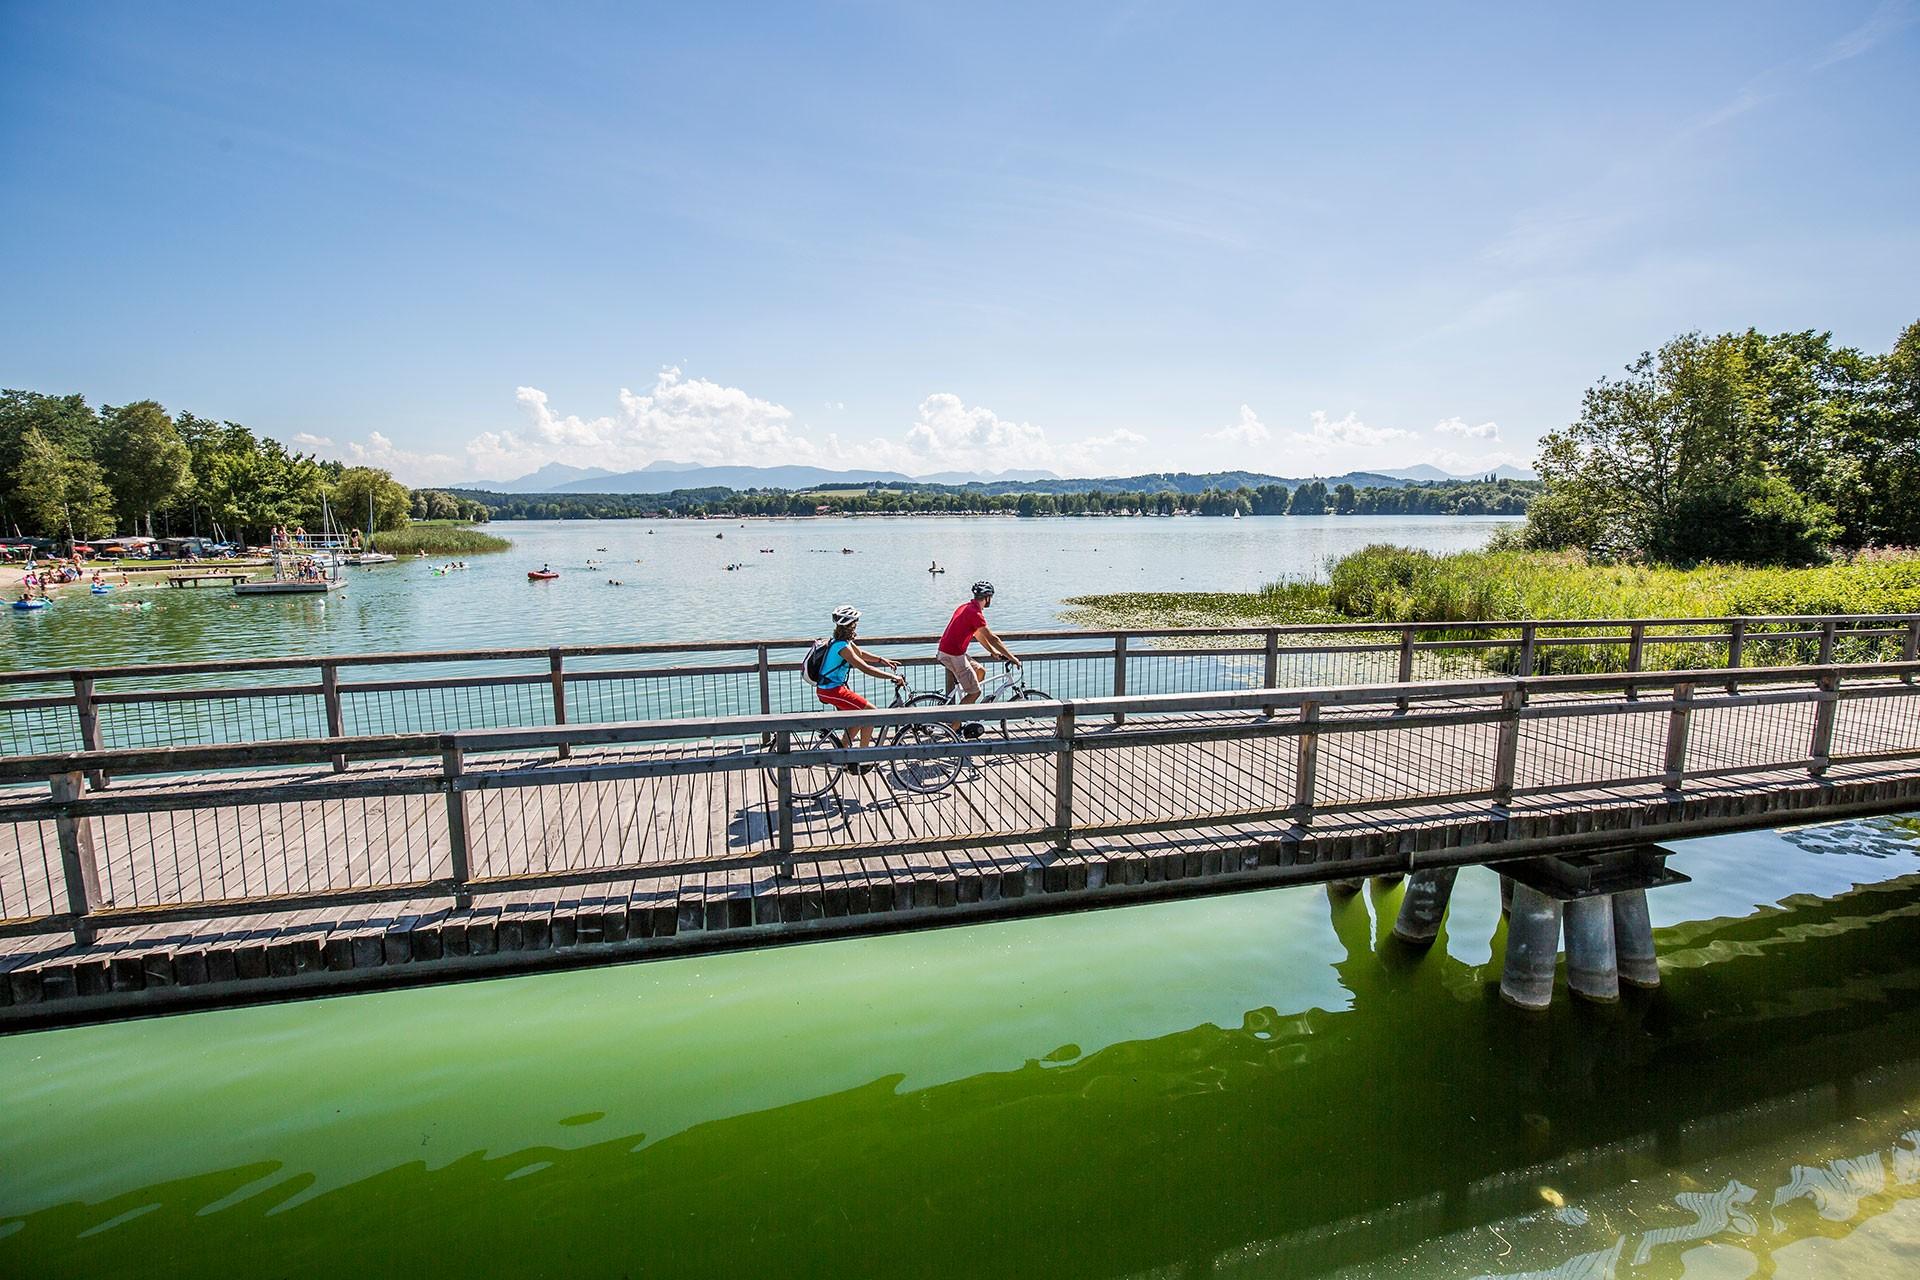 Aktiv - Radfahren am Chiemsee